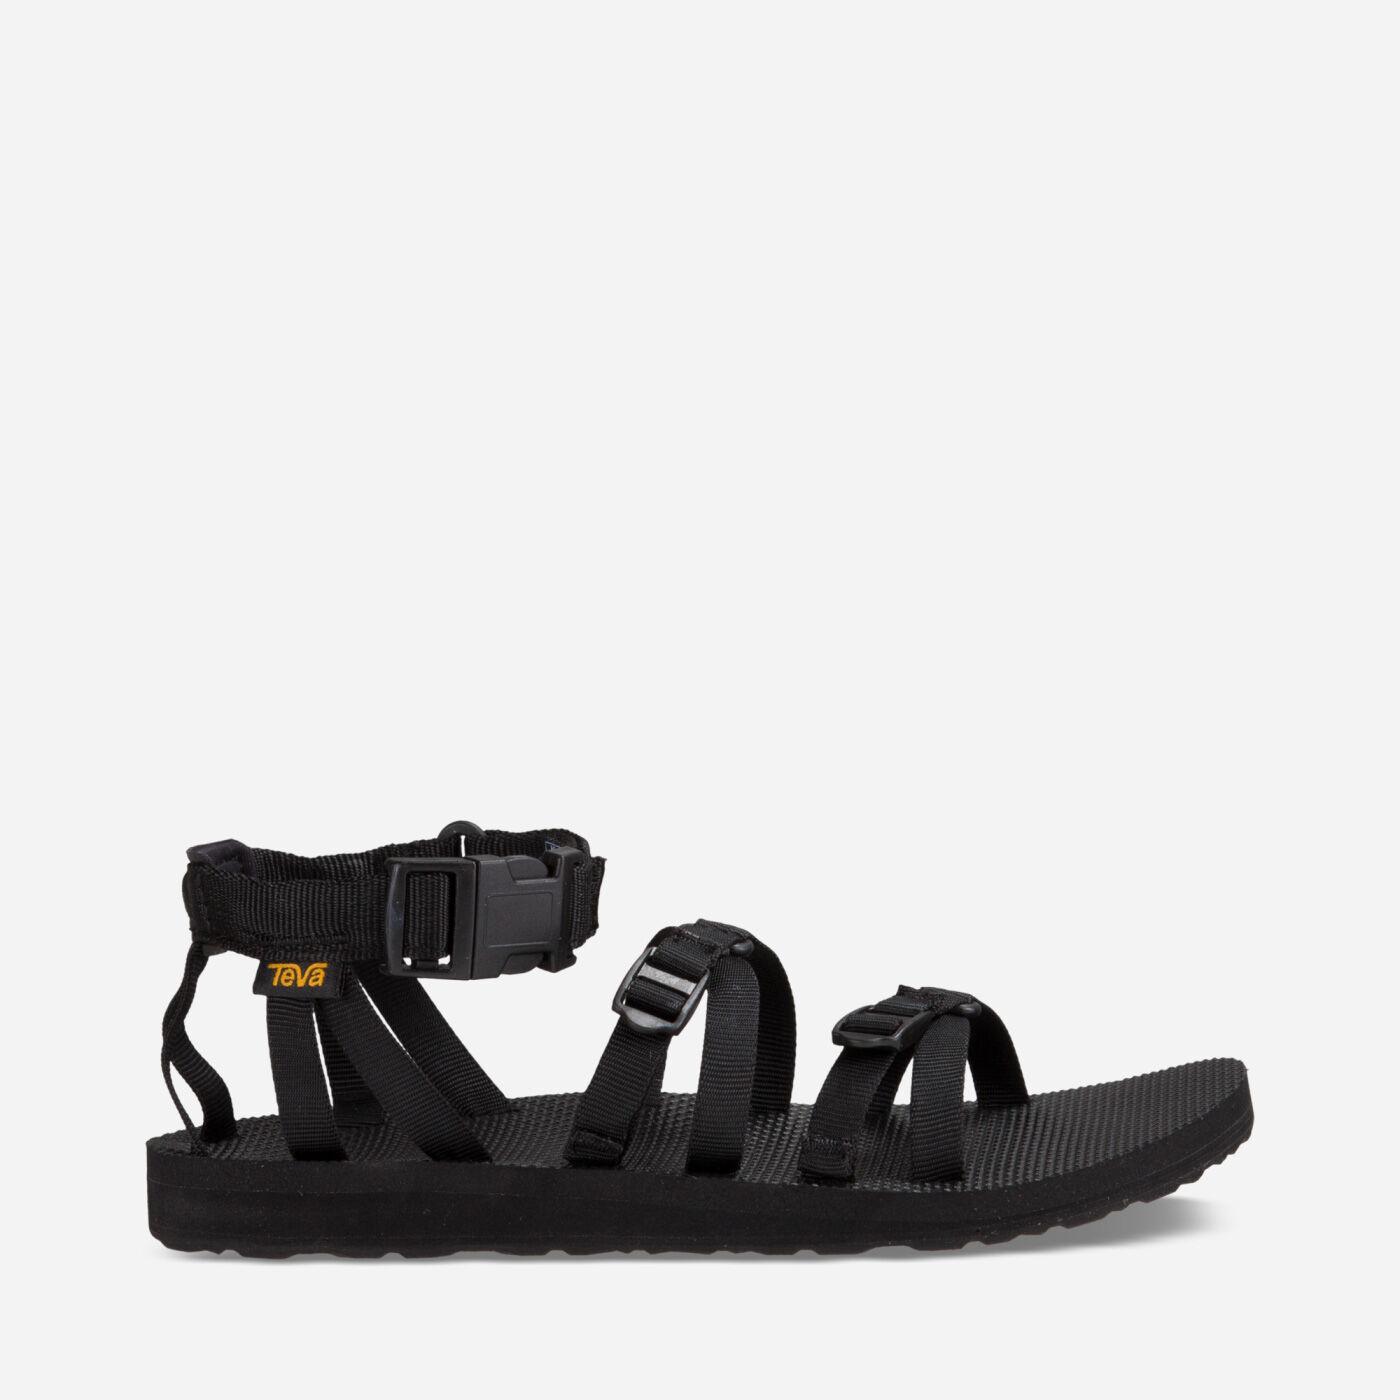 Innovative Teva Hurricane XLT Womens White Black Walking Outdoors Sandals Summer Shoes | EBay